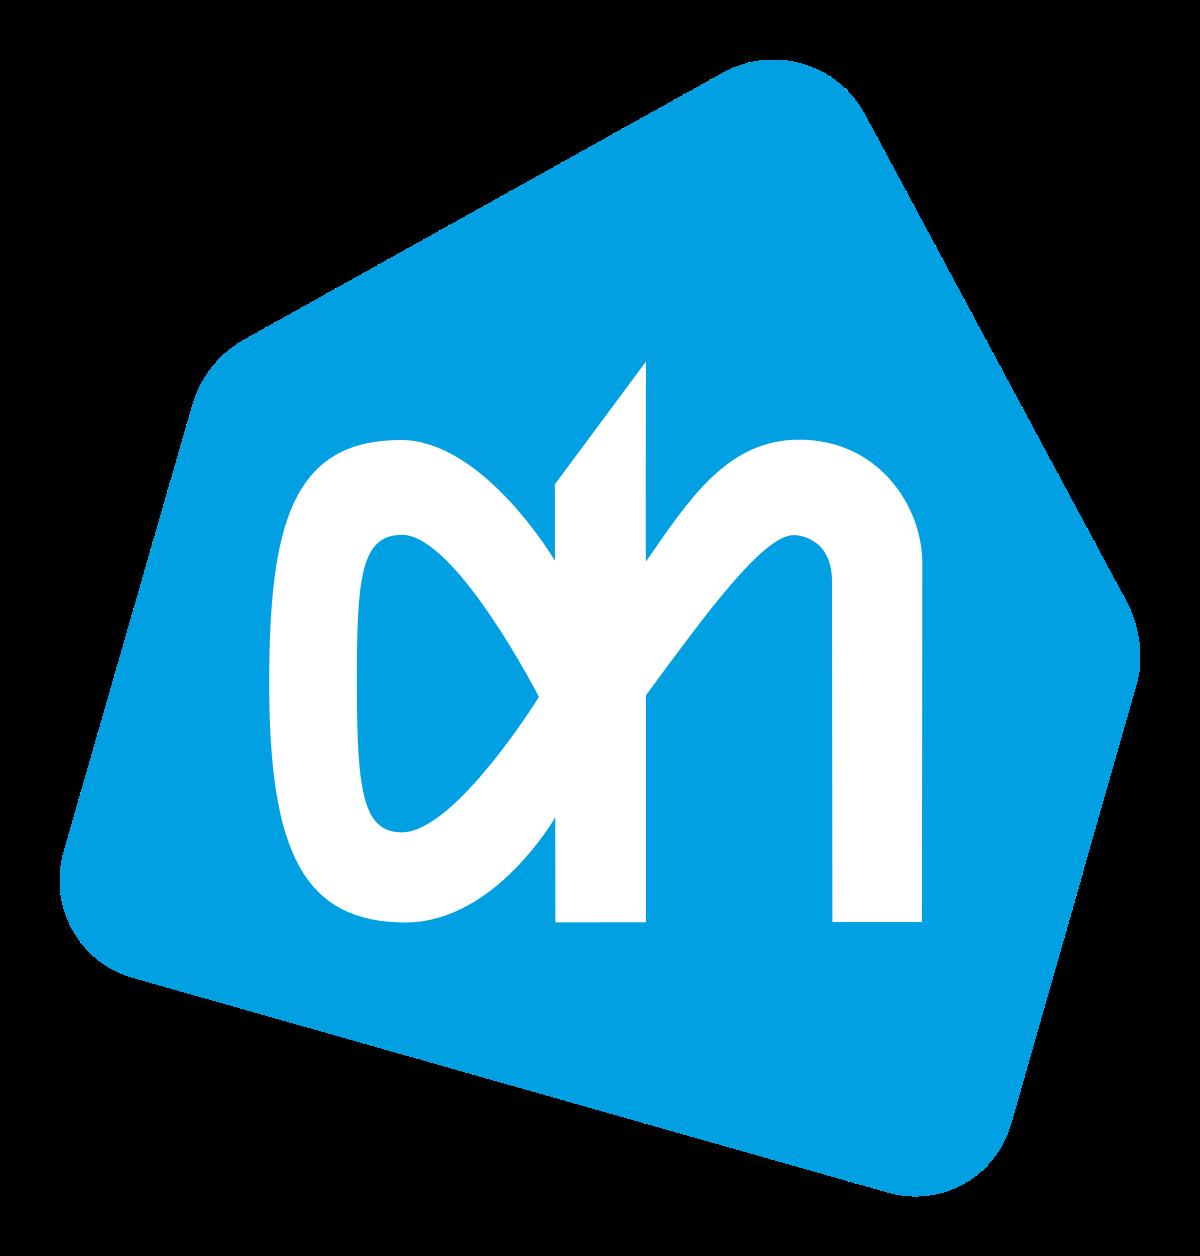 Logo retailer Albert Heijn